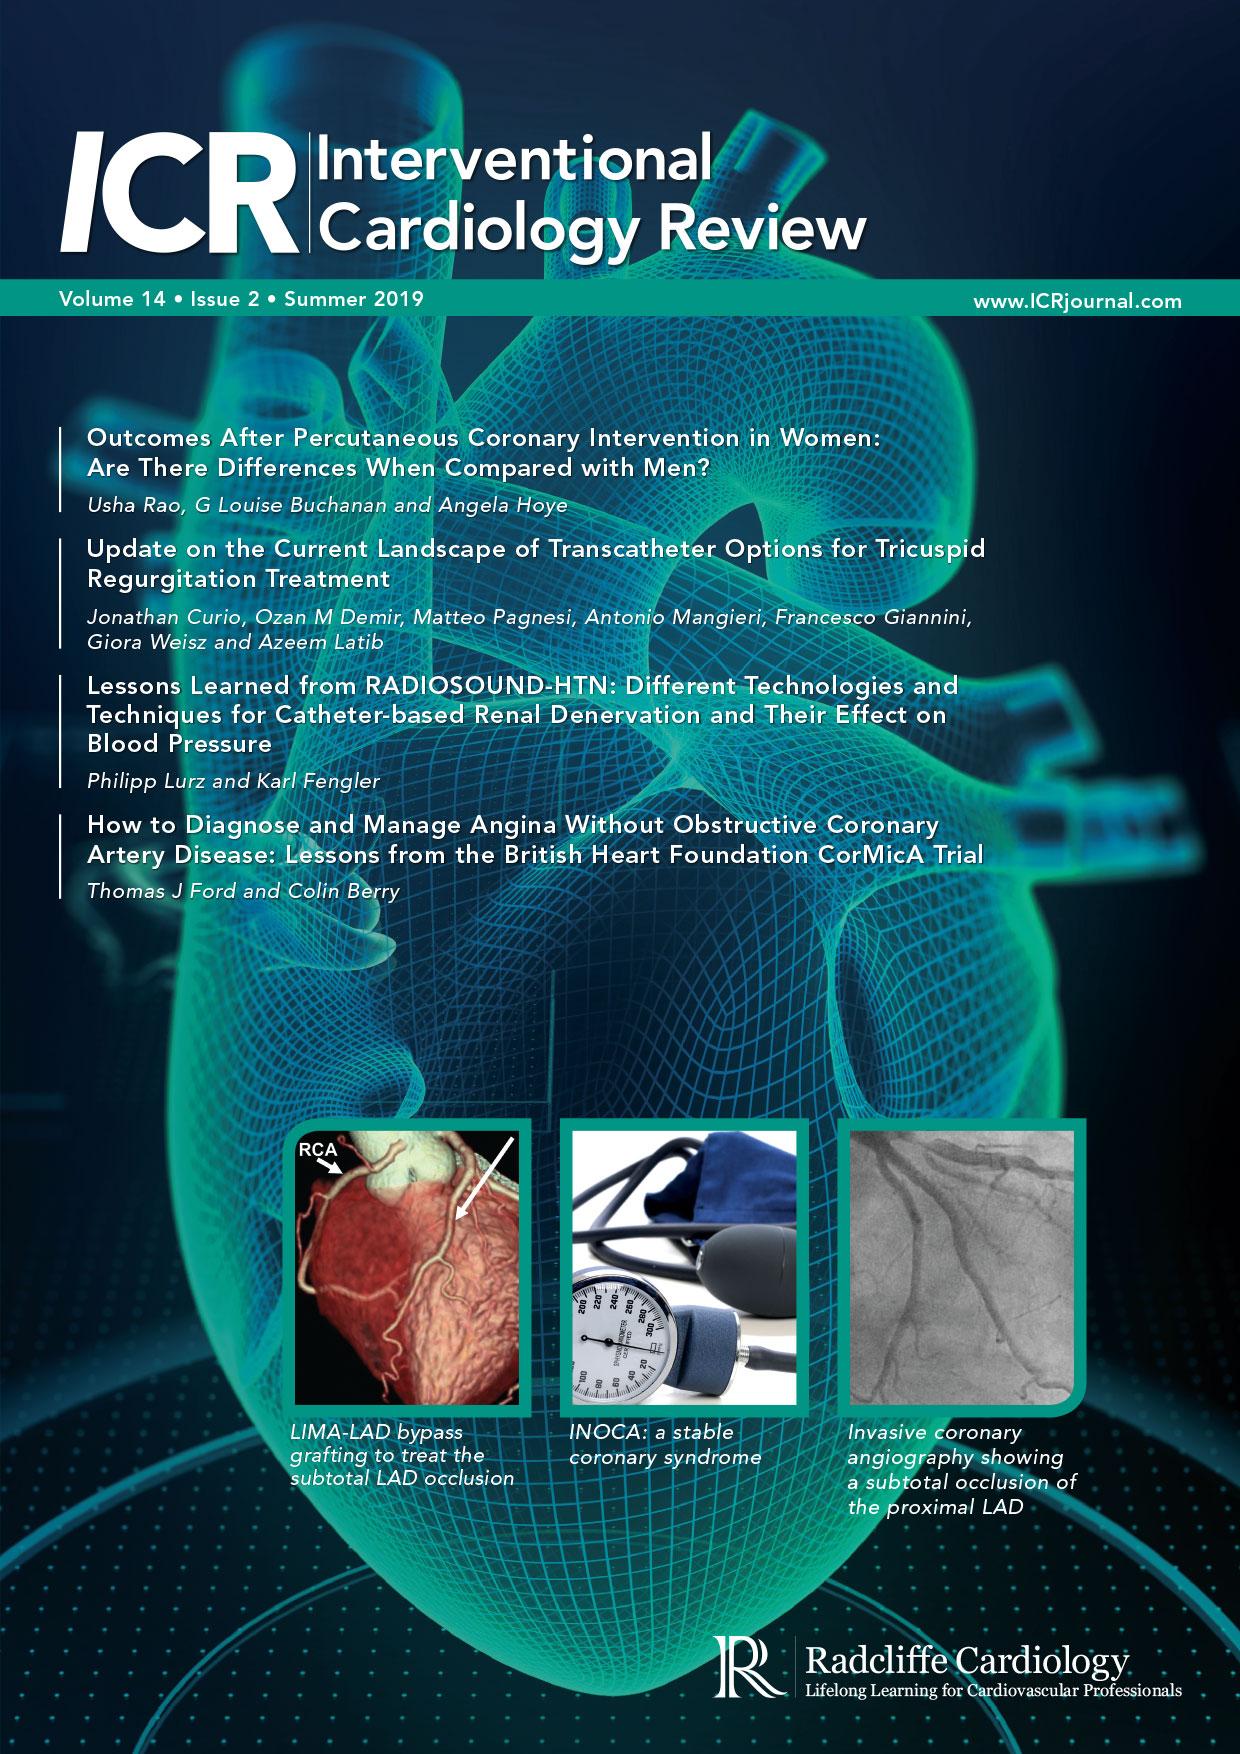 ICR - Volume 14 Issue 2 Summer 2019